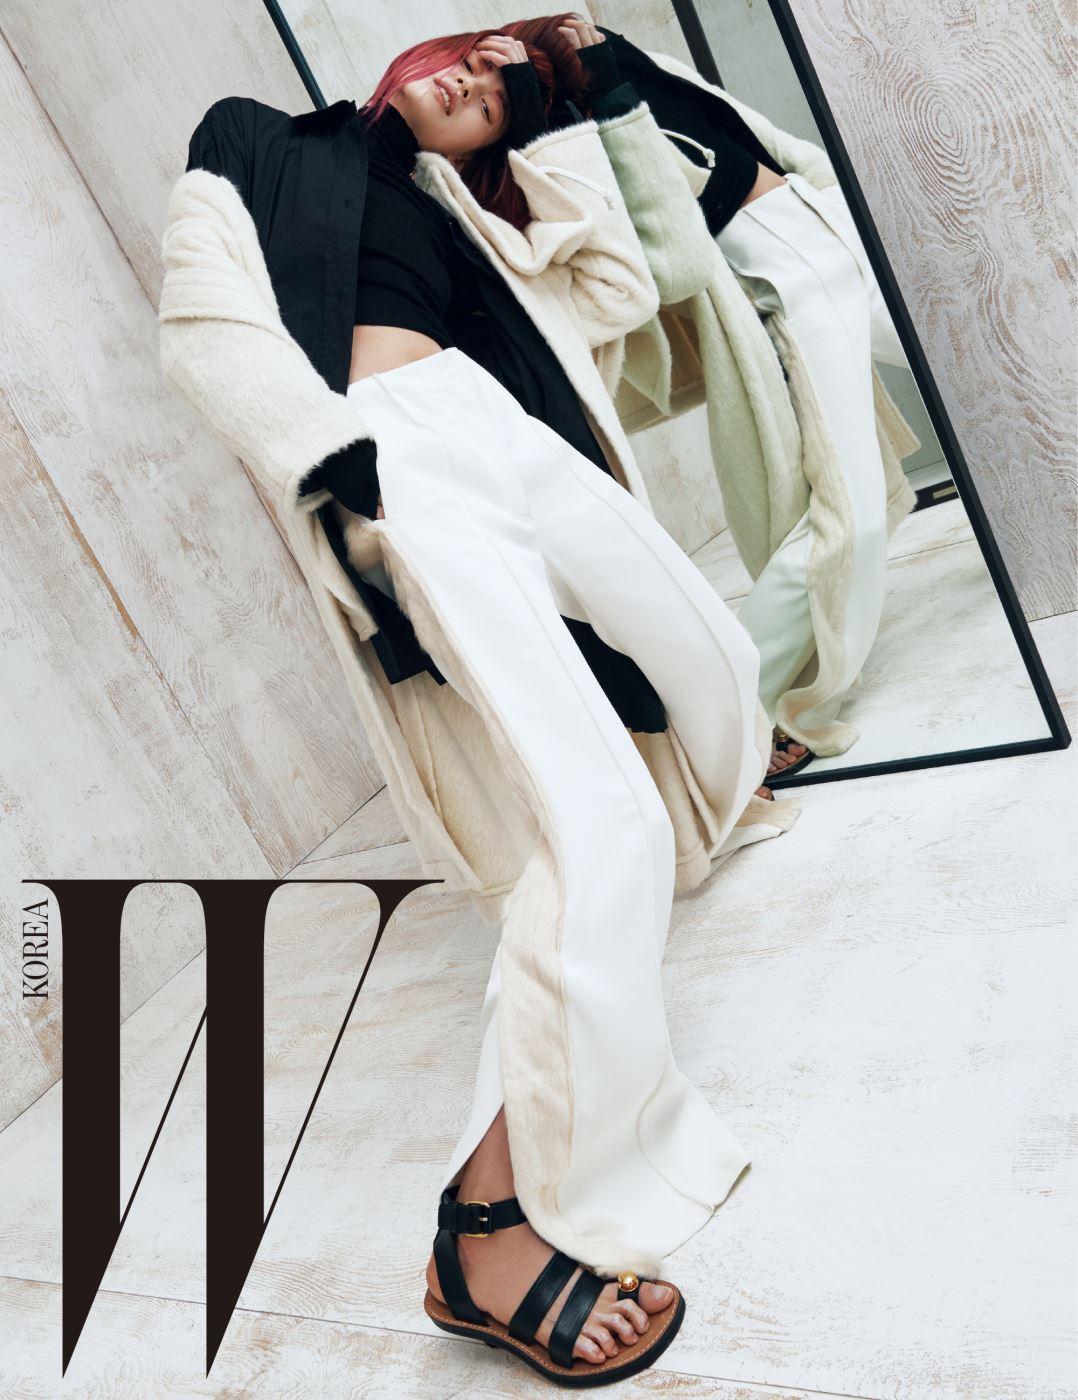 케이프 장식 코트와 박시한 셔츠, 터틀넥 톱, 퍼 장식을 가미한 와이드 팬츠, 샌들은 모두 Céline 제품.